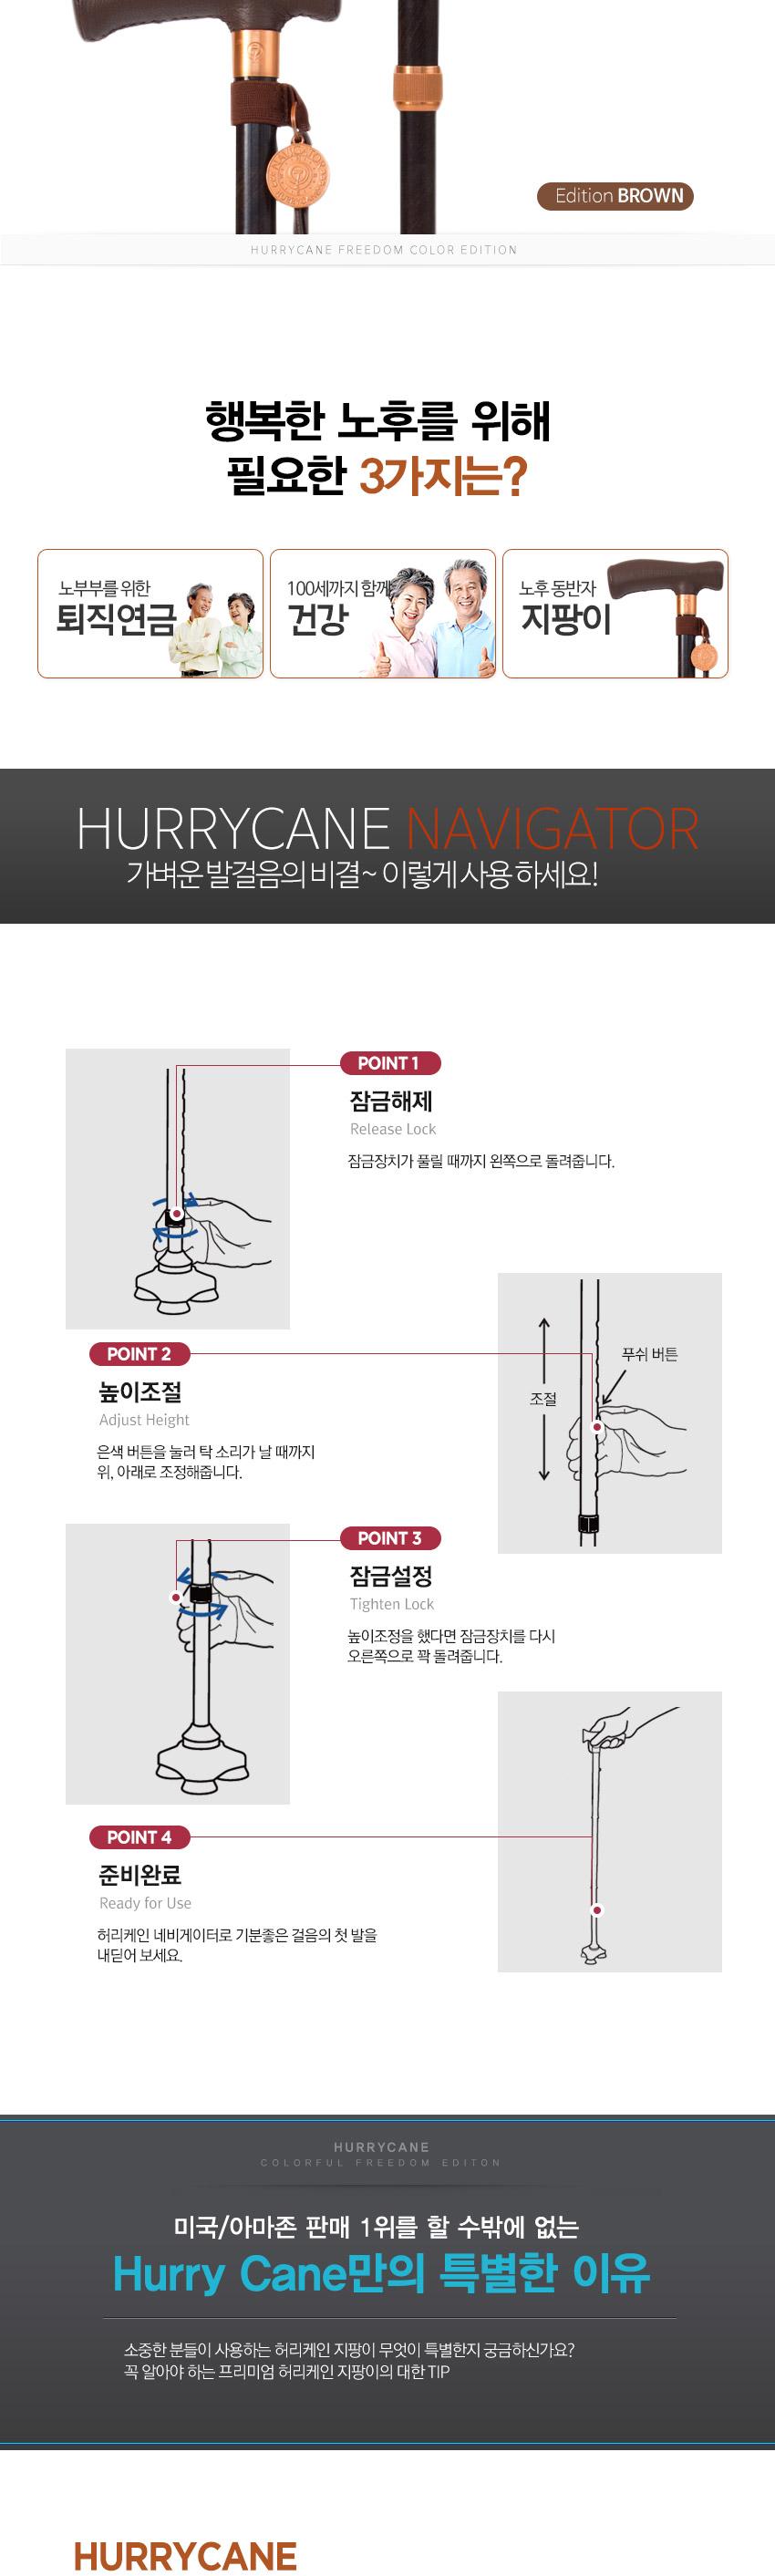 프리미엄 허리케인 네비게이터 지팡이 - 허리케인/드라이브, 143,000원, 생활잡화, 공구